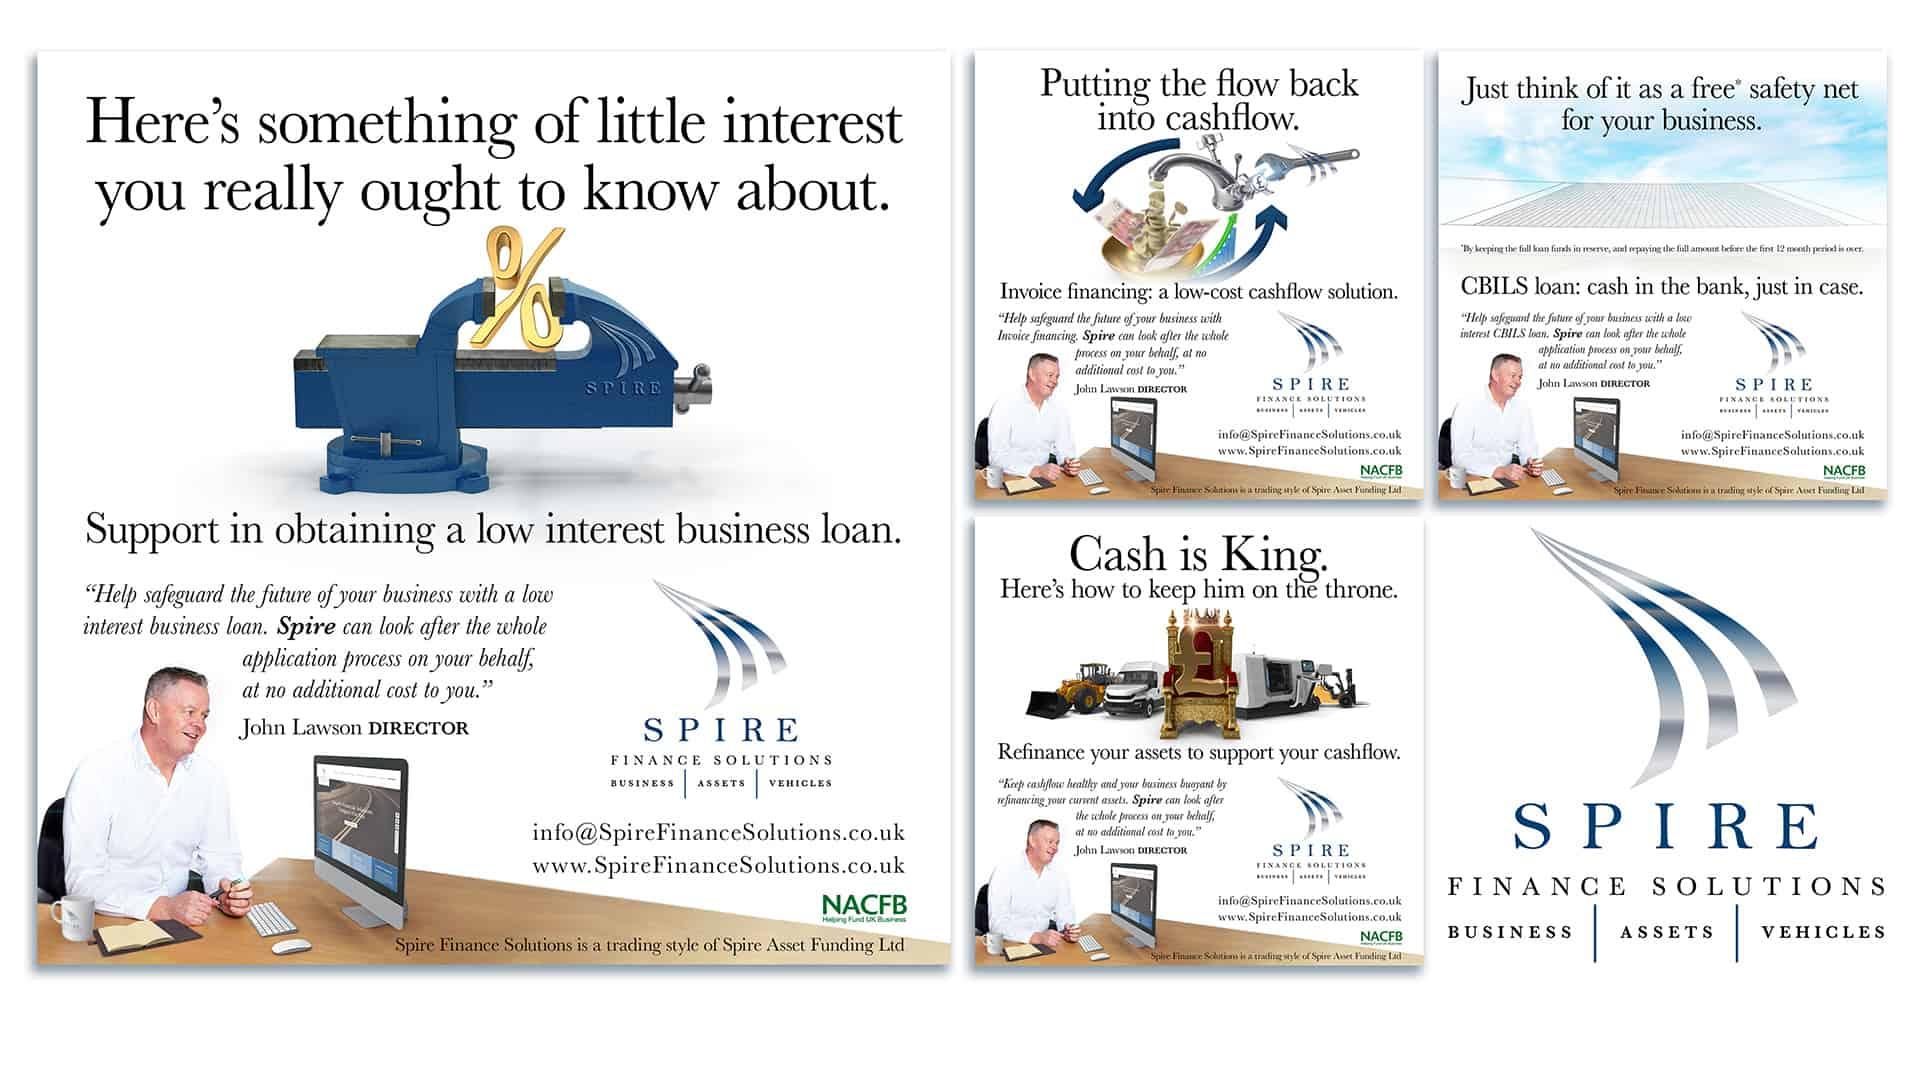 Spire Finance Image 4